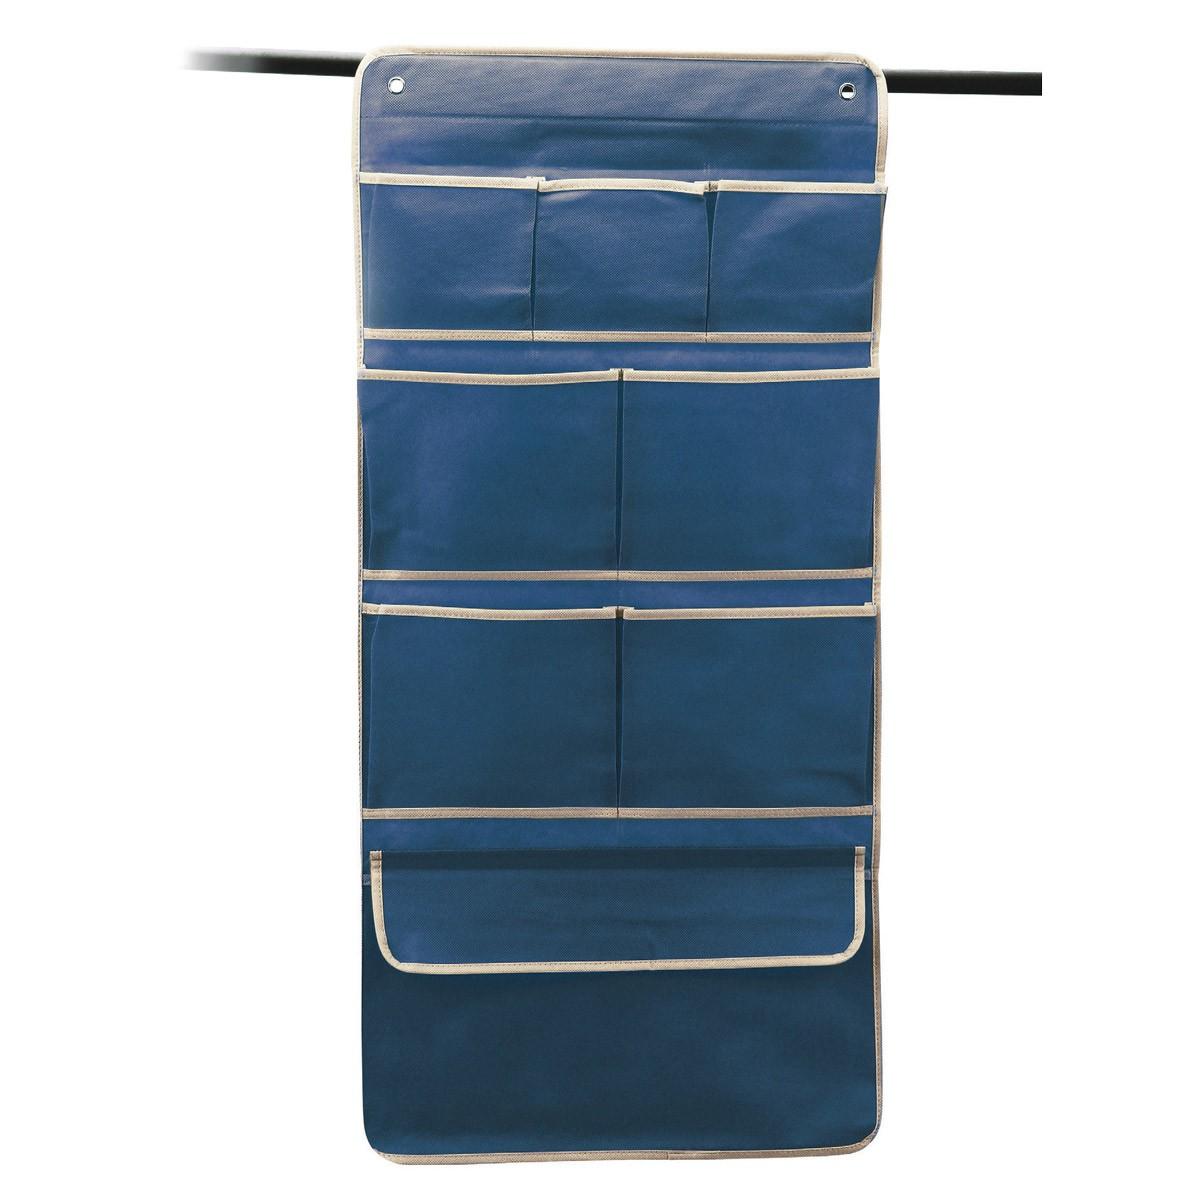 Κρεμαστή Θήκη Οργάνωσης Γενικής Χρήσης εstia 03-0806 Blue home   κρεβατοκάμαρα   οργάνωση ντουλάπας